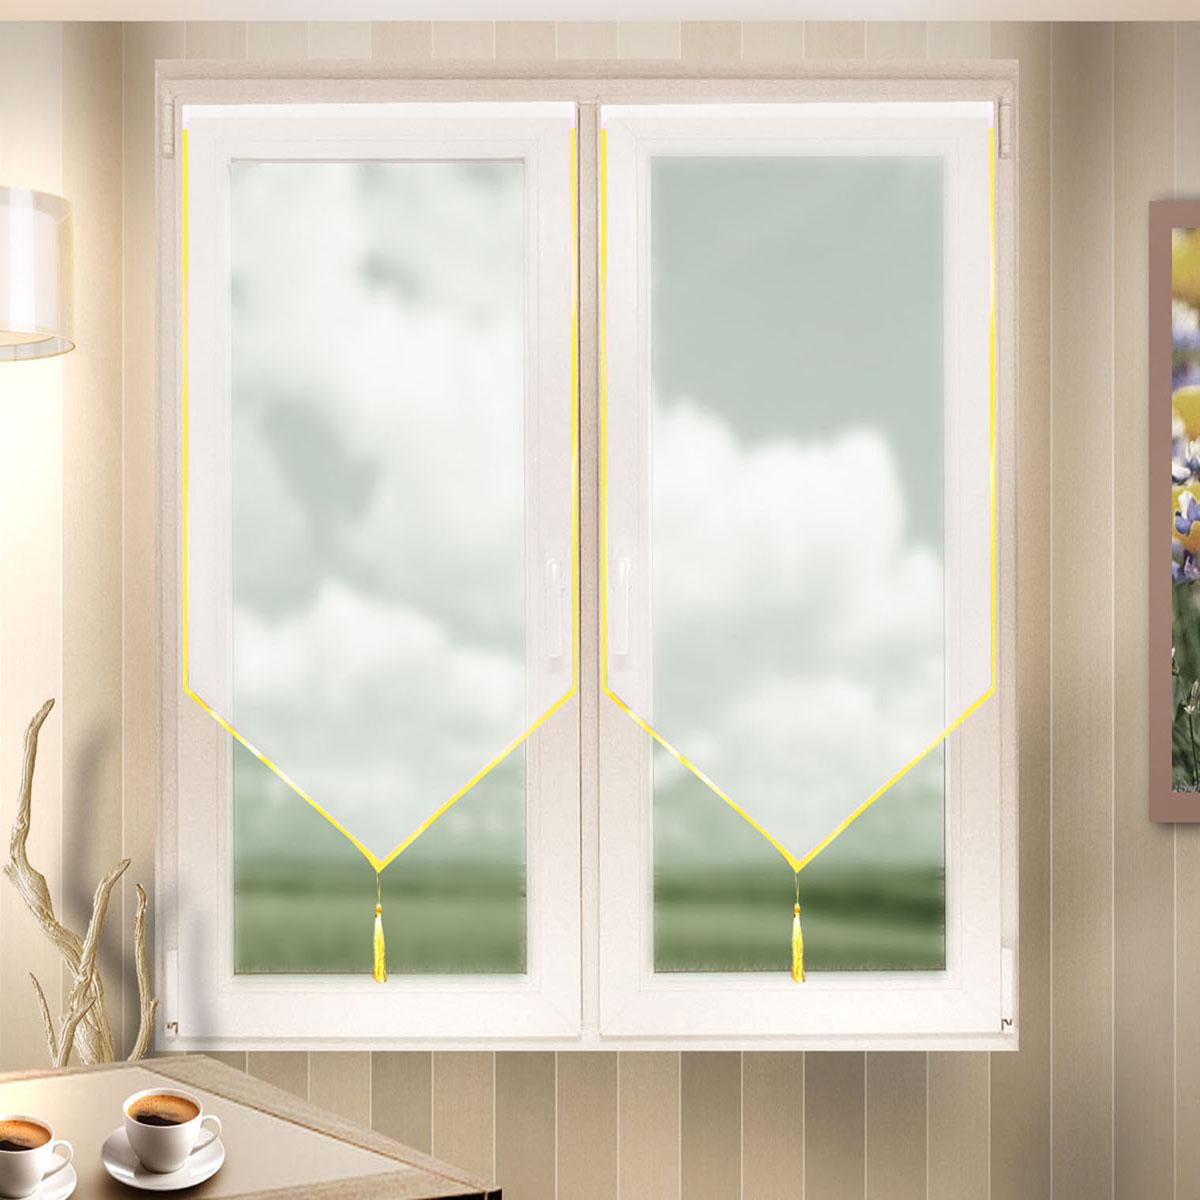 Гардина Zlata Korunka, цвет: белый, ширина 60 см, высота 140 см. 6660221985120/21004Лучшая альтернатива рулонным шторам на кухне – шторы на липкой ленте. Особенность этих штор заключается в том, что они имеют липкую основу в месте крепления . Лента или основа надежно и быстро крепится на раму окна, а на нее фиксируется сама штора.Размеры: ширина 60* высота 140